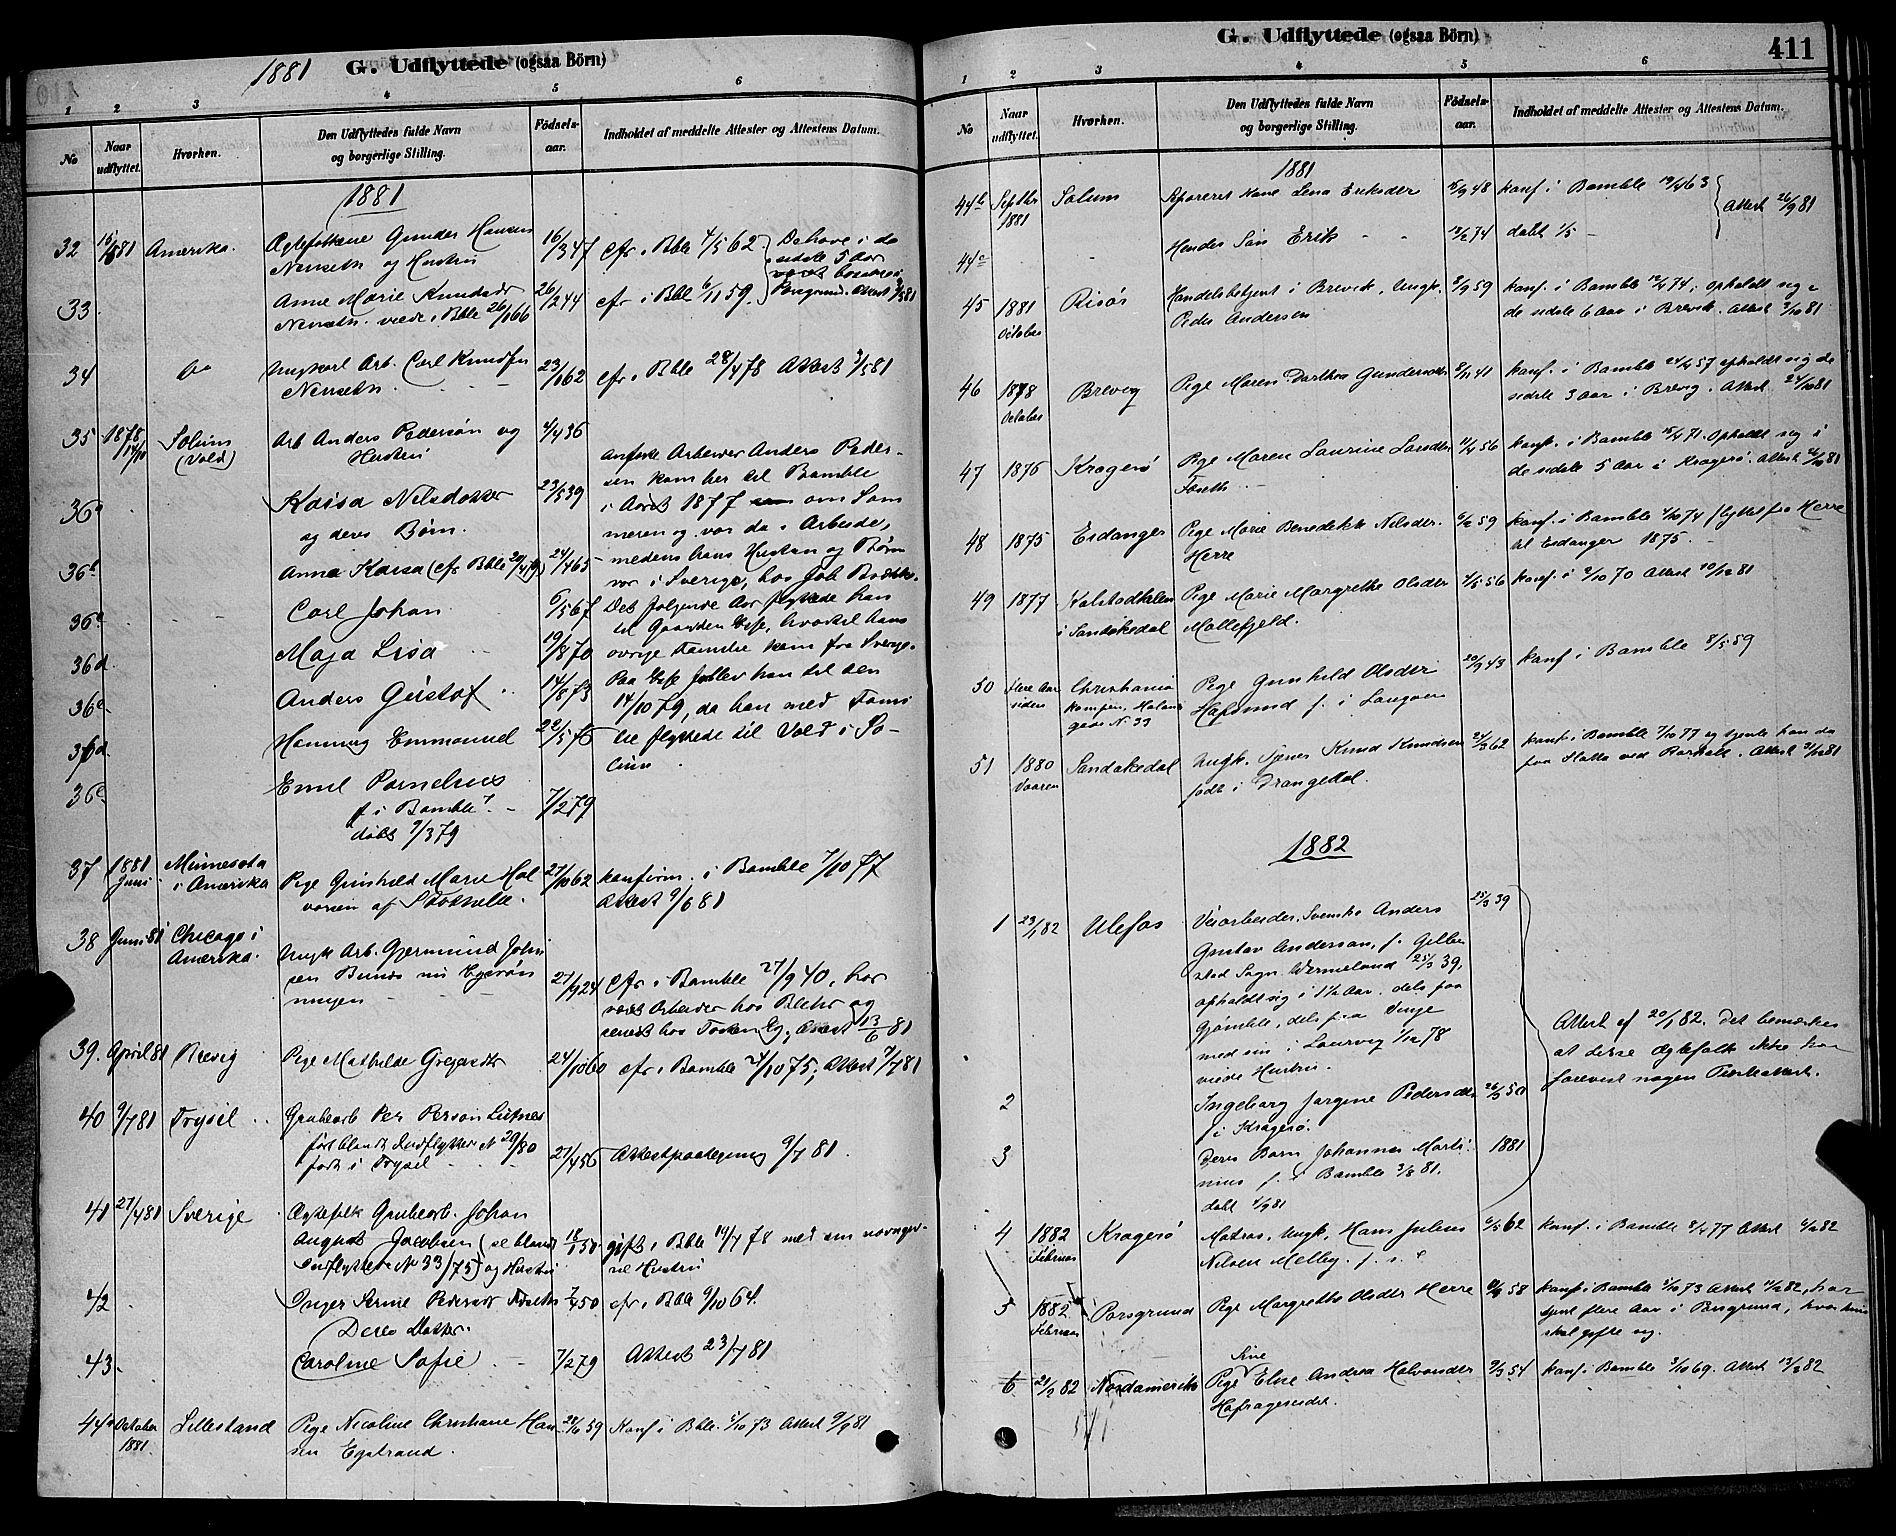 SAKO, Bamble kirkebøker, G/Ga/L0008: Klokkerbok nr. I 8, 1878-1888, s. 411